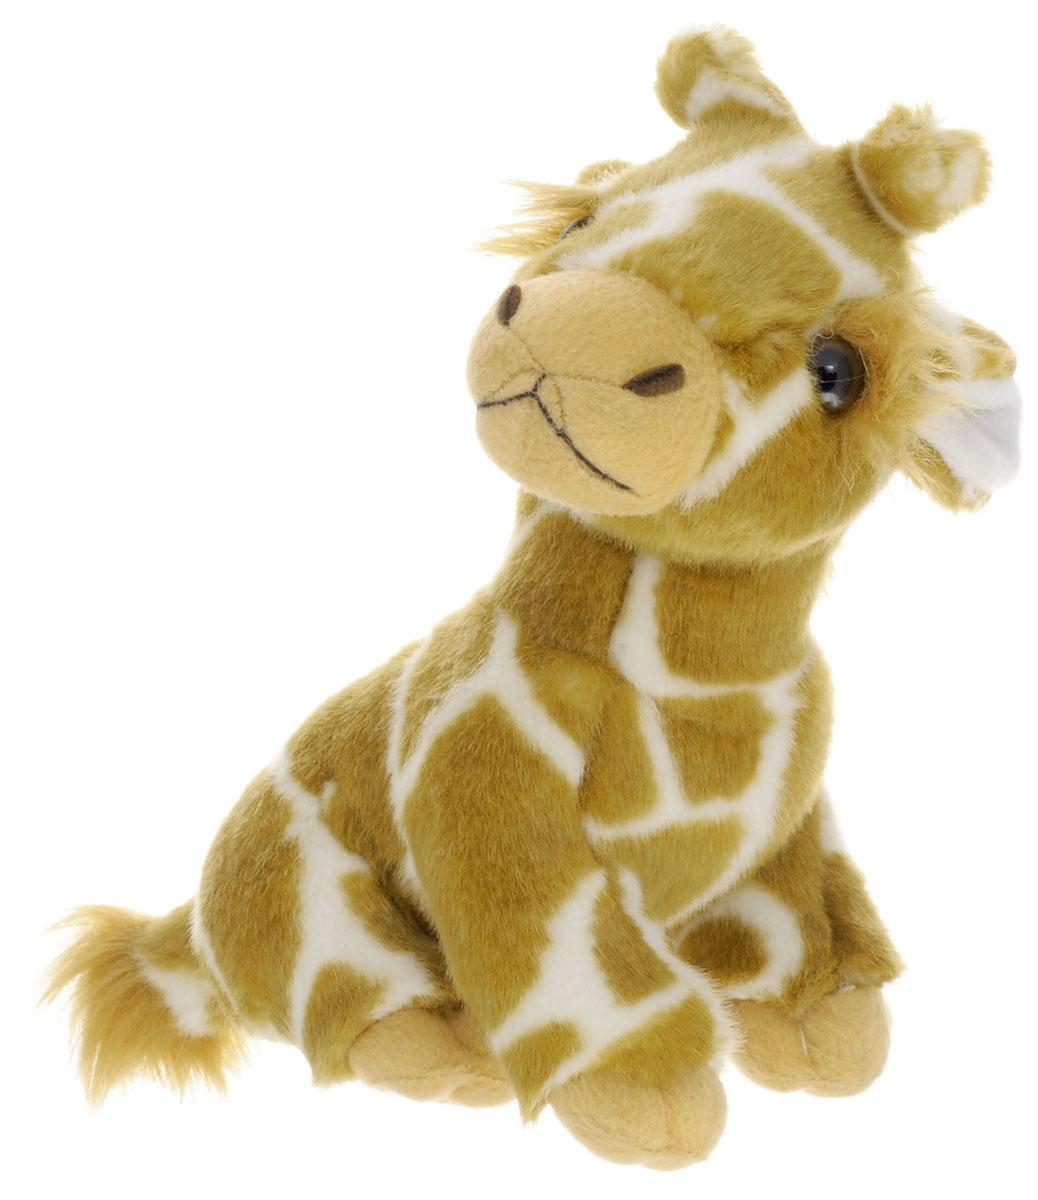 Soya Мягкая игрушка Жираф 19 см1035BМягкая игрушка Soya Жираф будет отличным подарком для ребенка, который любит животных. Любая современная игрушка - это больше, чем просто способ увлечь малыша. Игрушка выполнена из приятного на ощупь материала в виде жирафа. Жираф имеет коричнево-белую окраску шерсти и черные глазки. Эта игрушка может стать отличным другом и для ребенка и для взрослого - ее мягкость и общий потешный вид смогут понравиться всем. Мягкие игрушки знакомят с животным миром нашей планеты, формируют цветовосприятие и способствуют концентрации внимания.